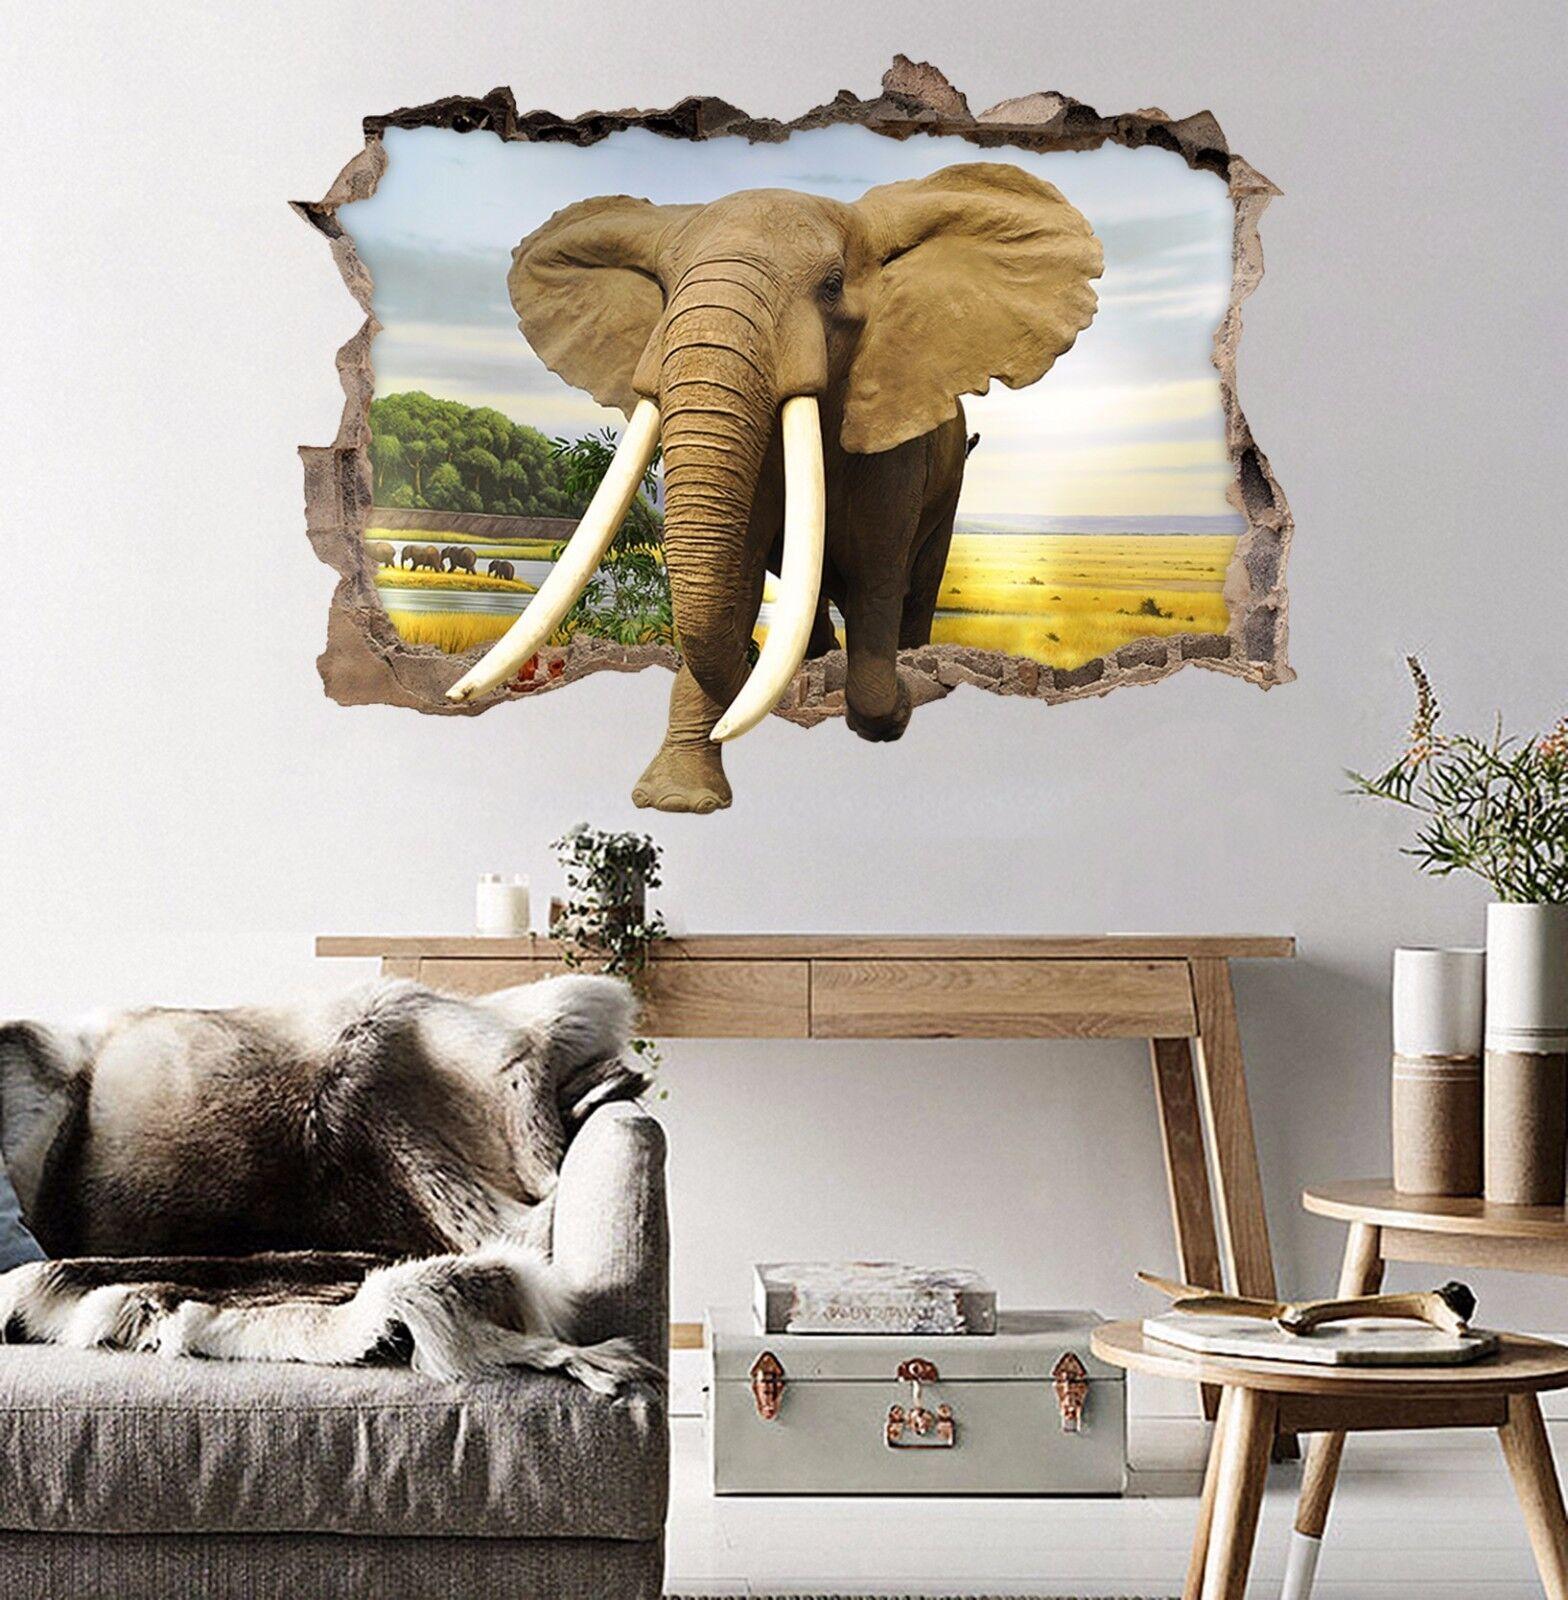 3D Elefanten 559 Mauer Murals Aufklebe Decal Durchbruch AJ WALLPAPER DE Lemon